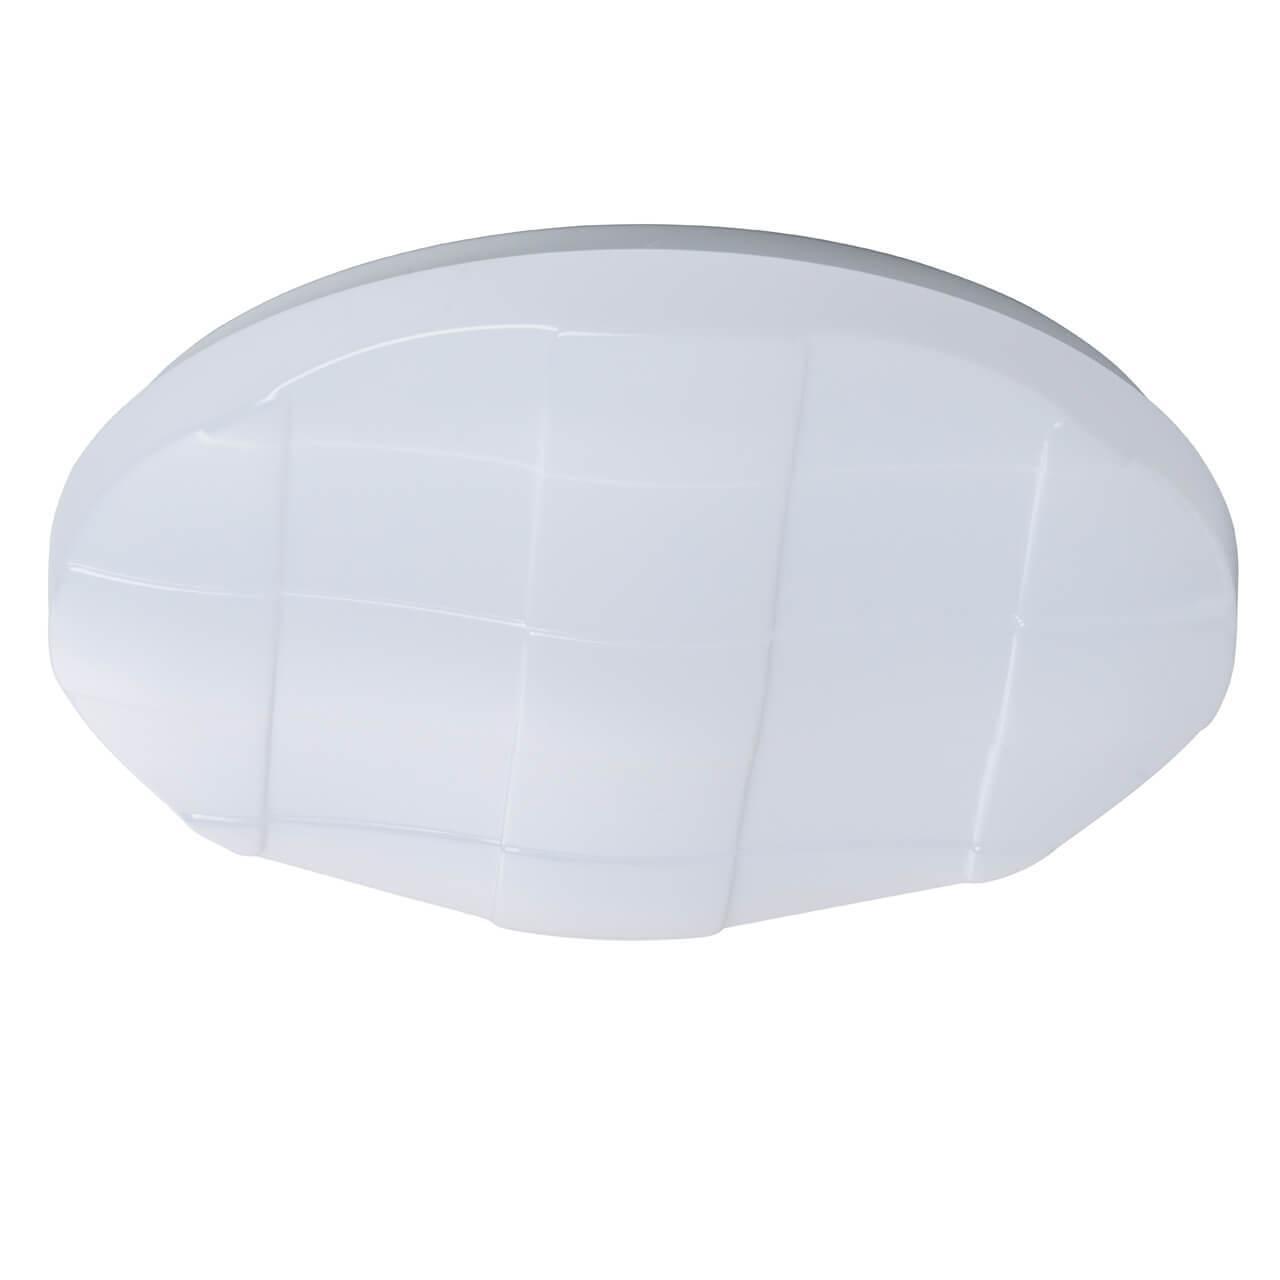 Потолочный светильник De Markt 674017201, LED, 24 Вт потолочный светодиодный светильник de markt ривз 674012101